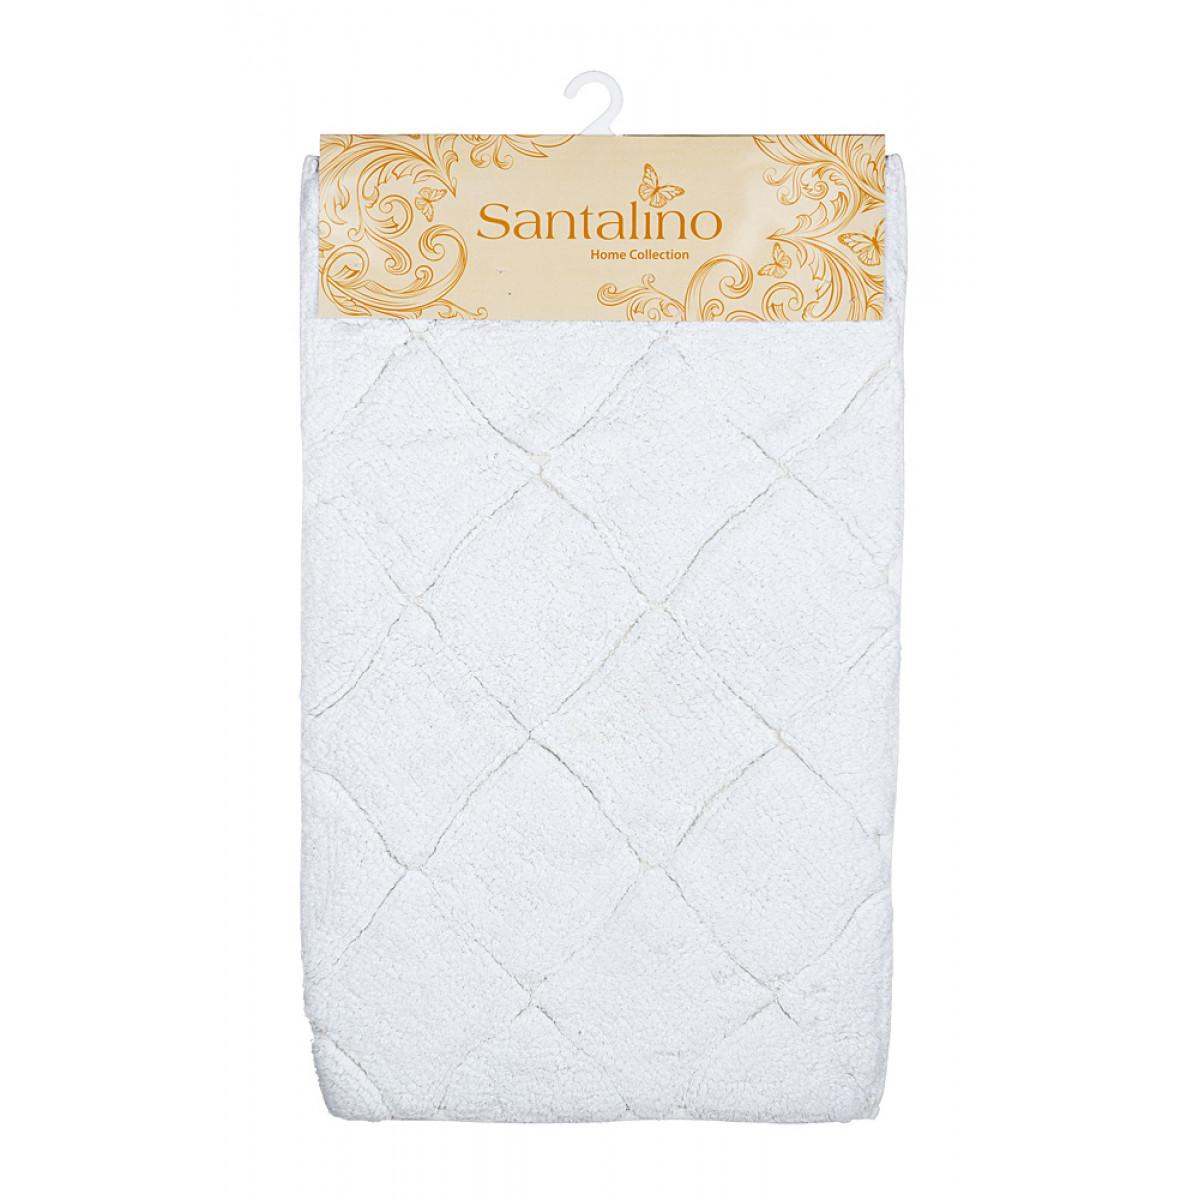 Купить Коврики для ванной и туалета Santalino, Коврик для ванной Вайт (50х80 см), Индия, Белый, Махра